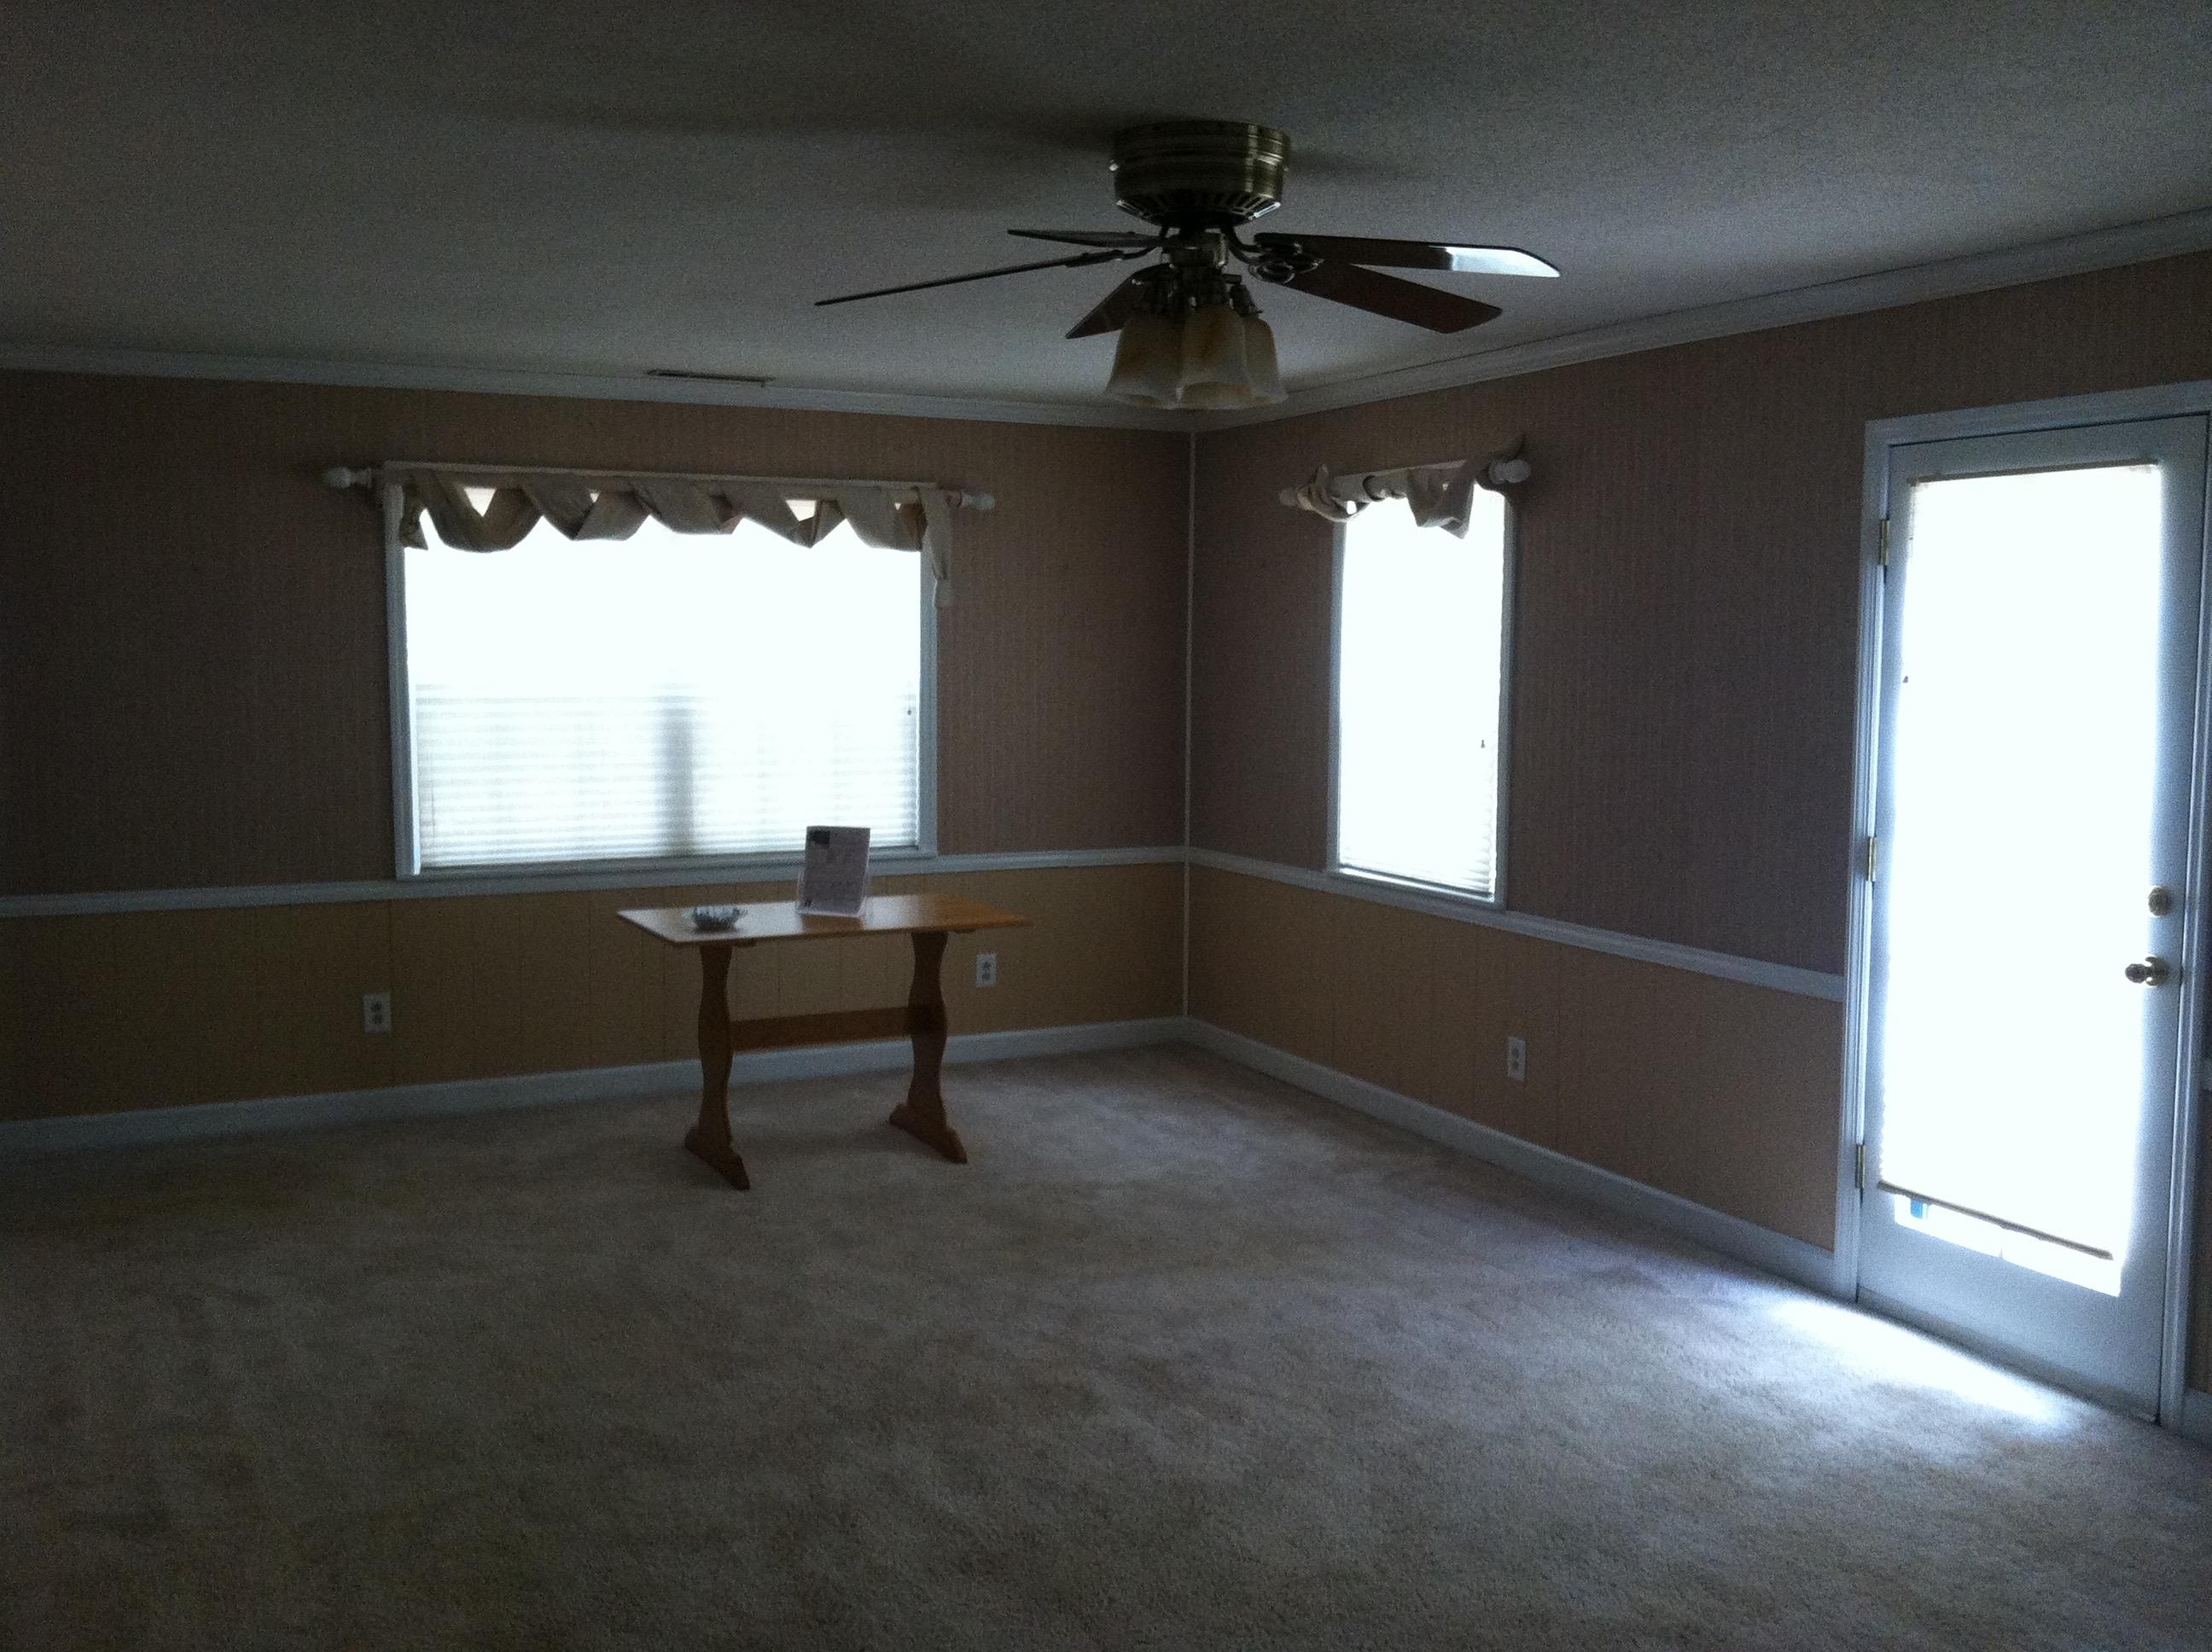 rent to own in winston salem nc. Black Bedroom Furniture Sets. Home Design Ideas